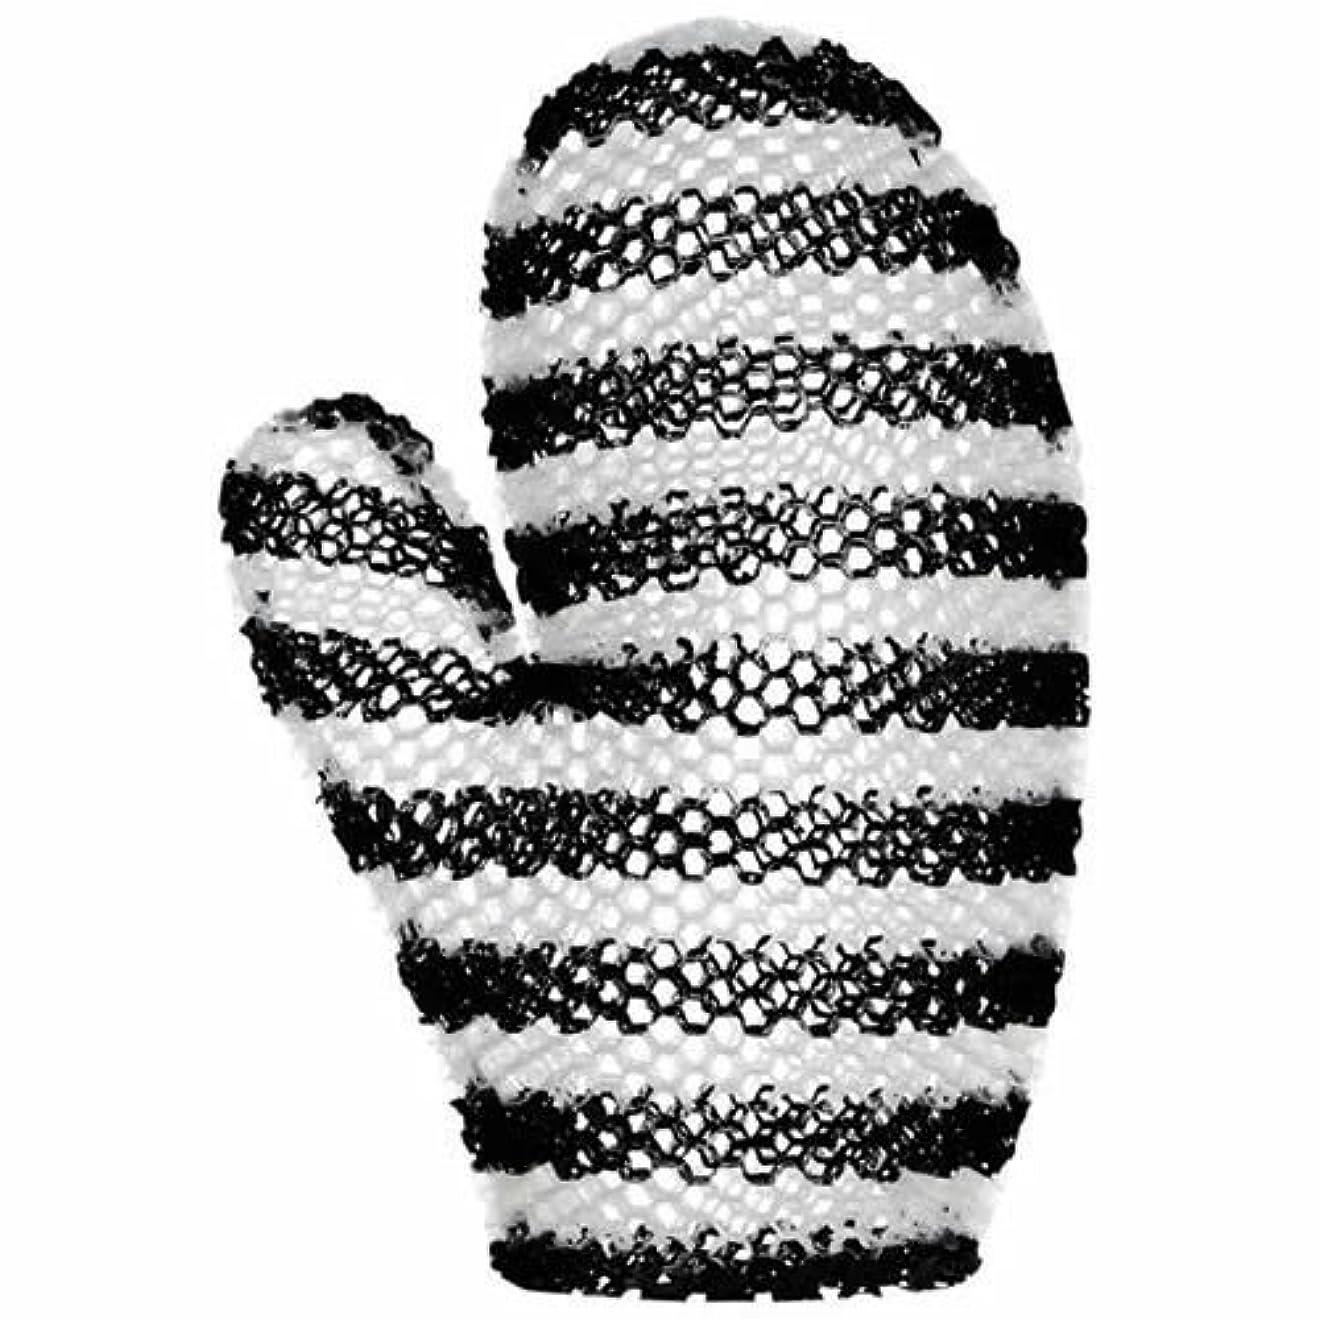 チキン政権遅滞スプラコール ハニカム(ミット) ブラック&ホワイト